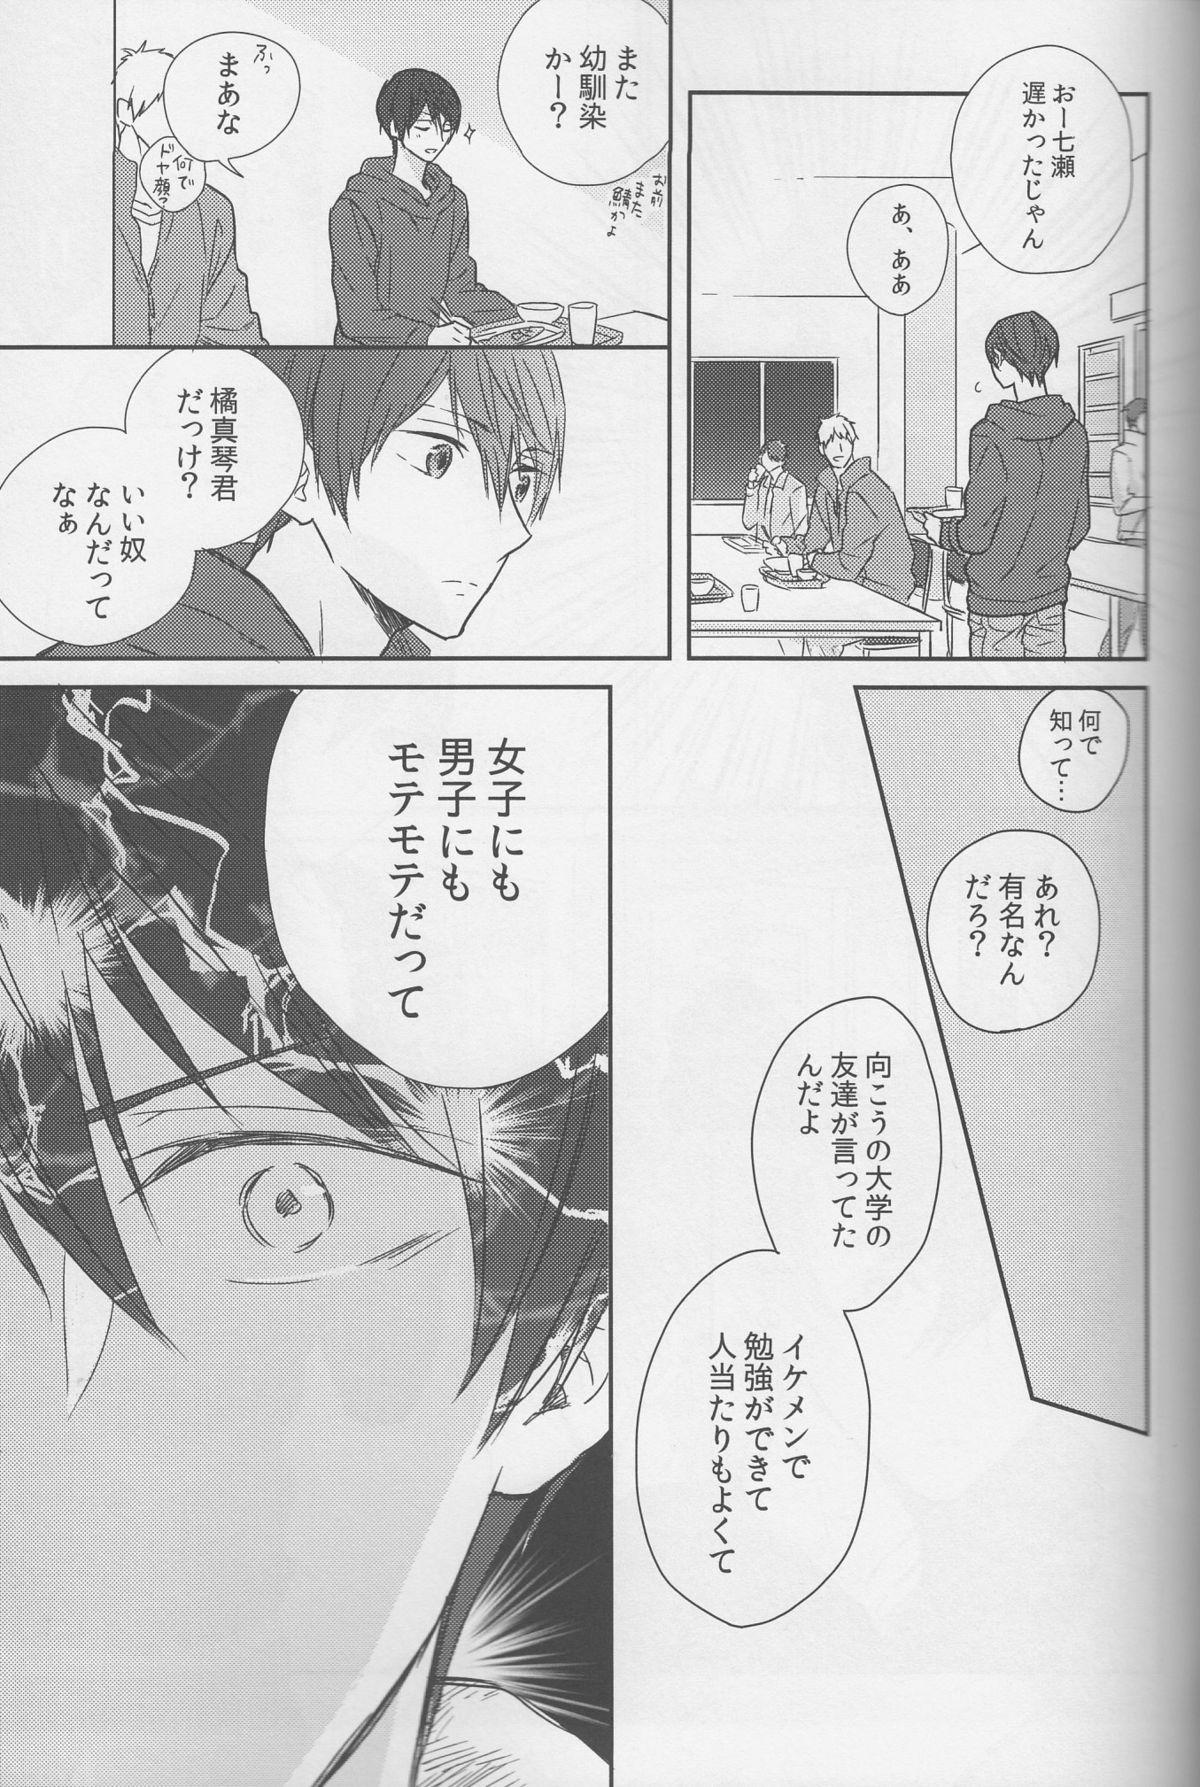 Haru-chan wa mono tarinai. 13